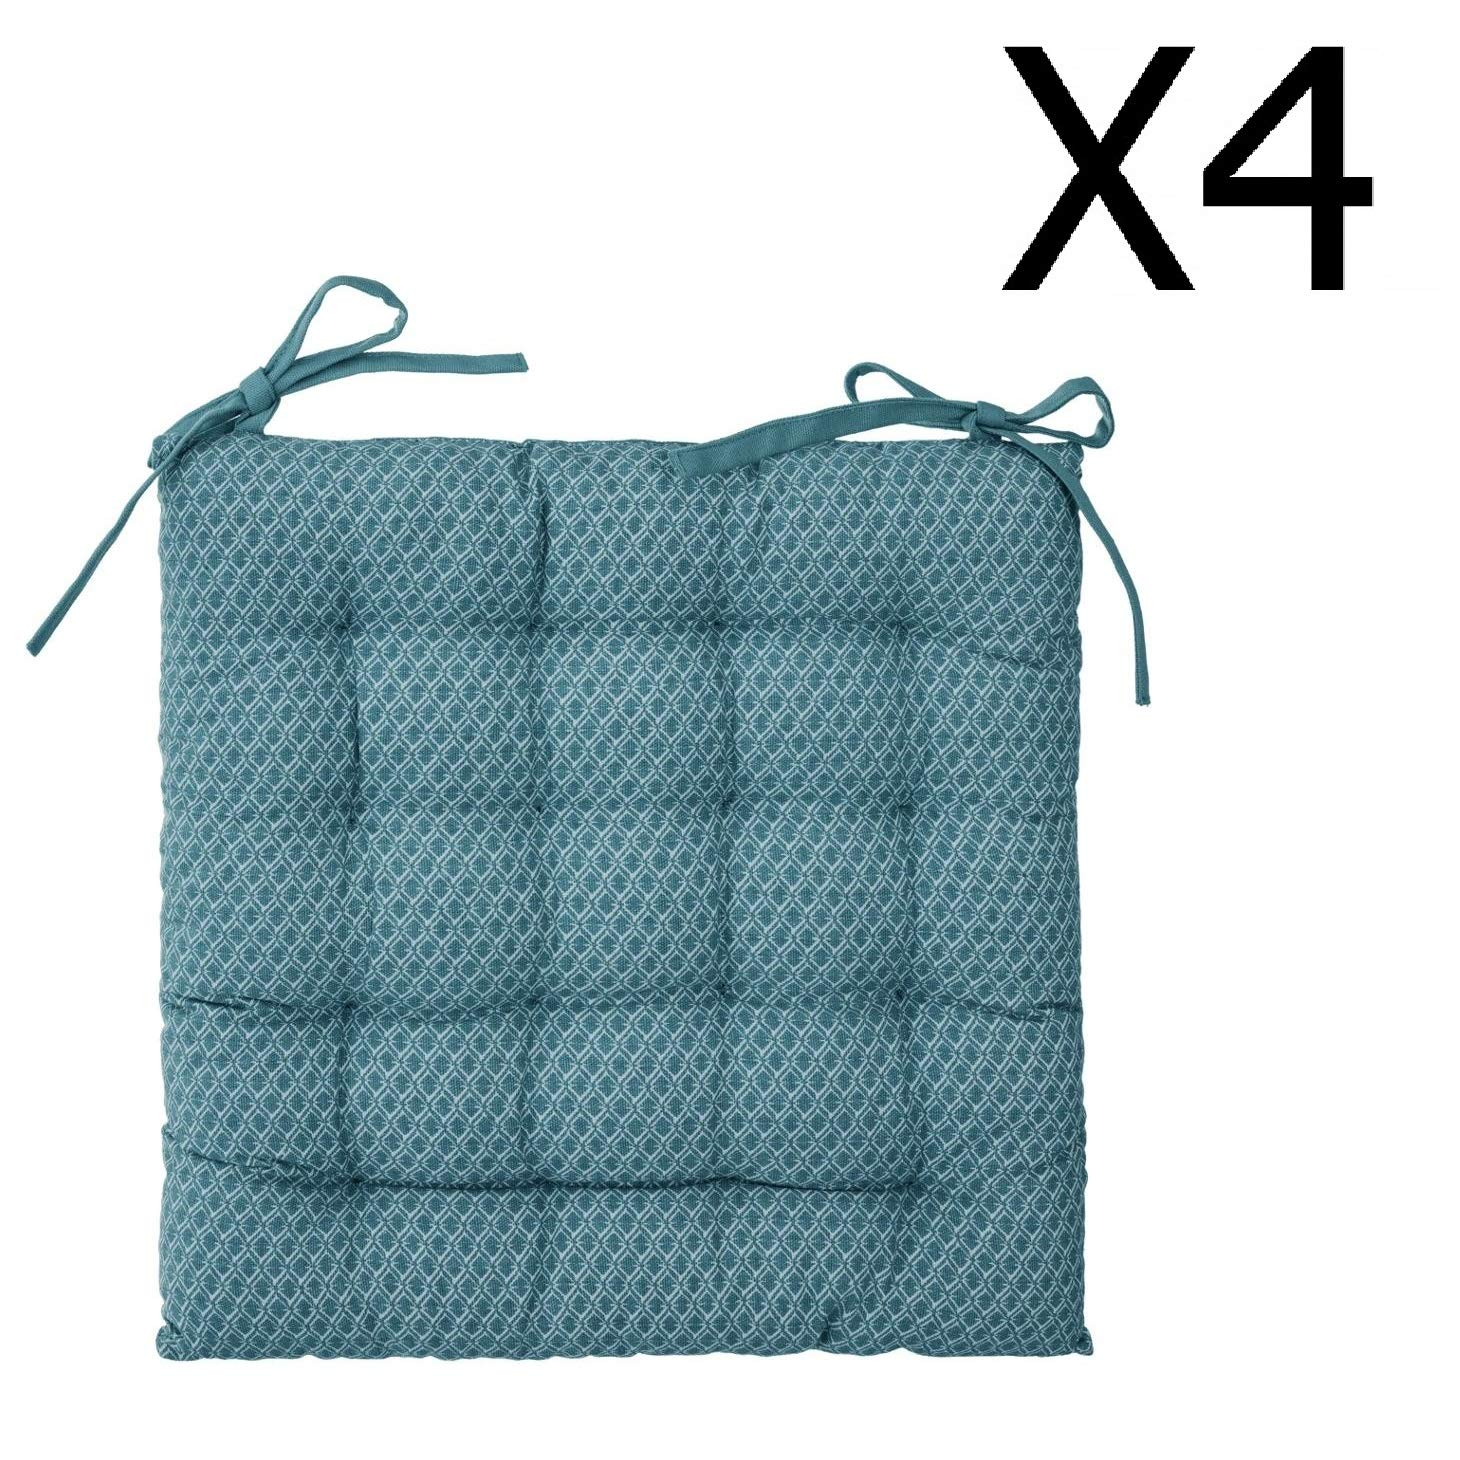 PEGANE Lot de 4 Galettes de Chaise Bleu Canard /à Motifs 38 x 38 cm